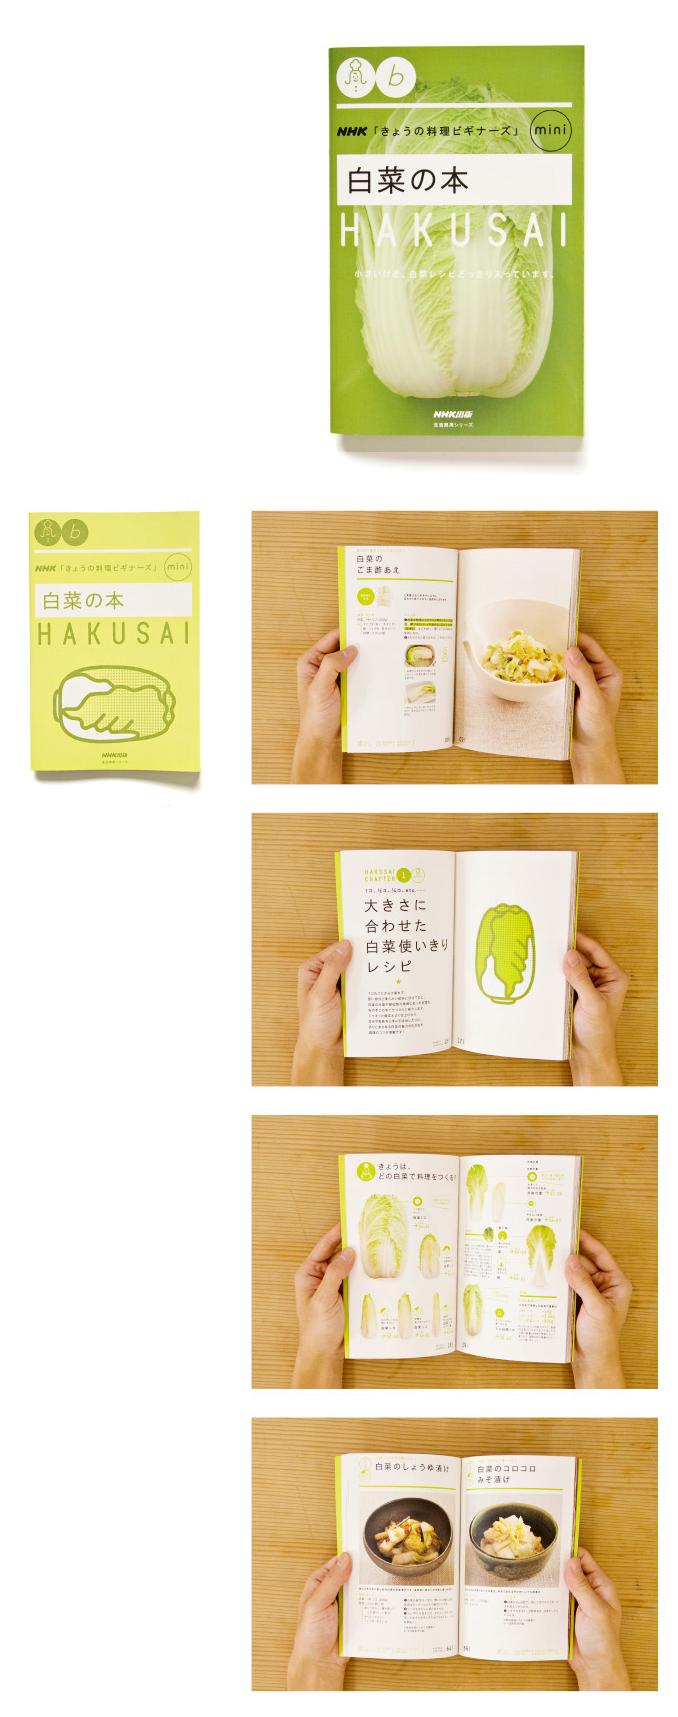 NHK「きょうの料理ビギナーズ」mini 白菜の本